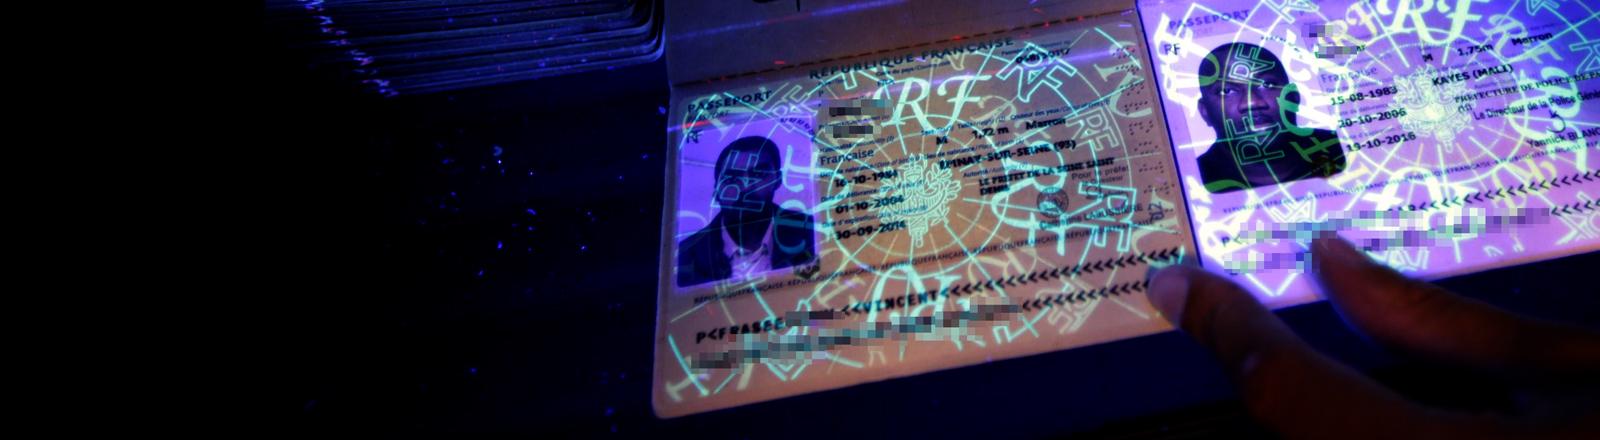 Ein Reisepass unter ultraviolettem Licht.